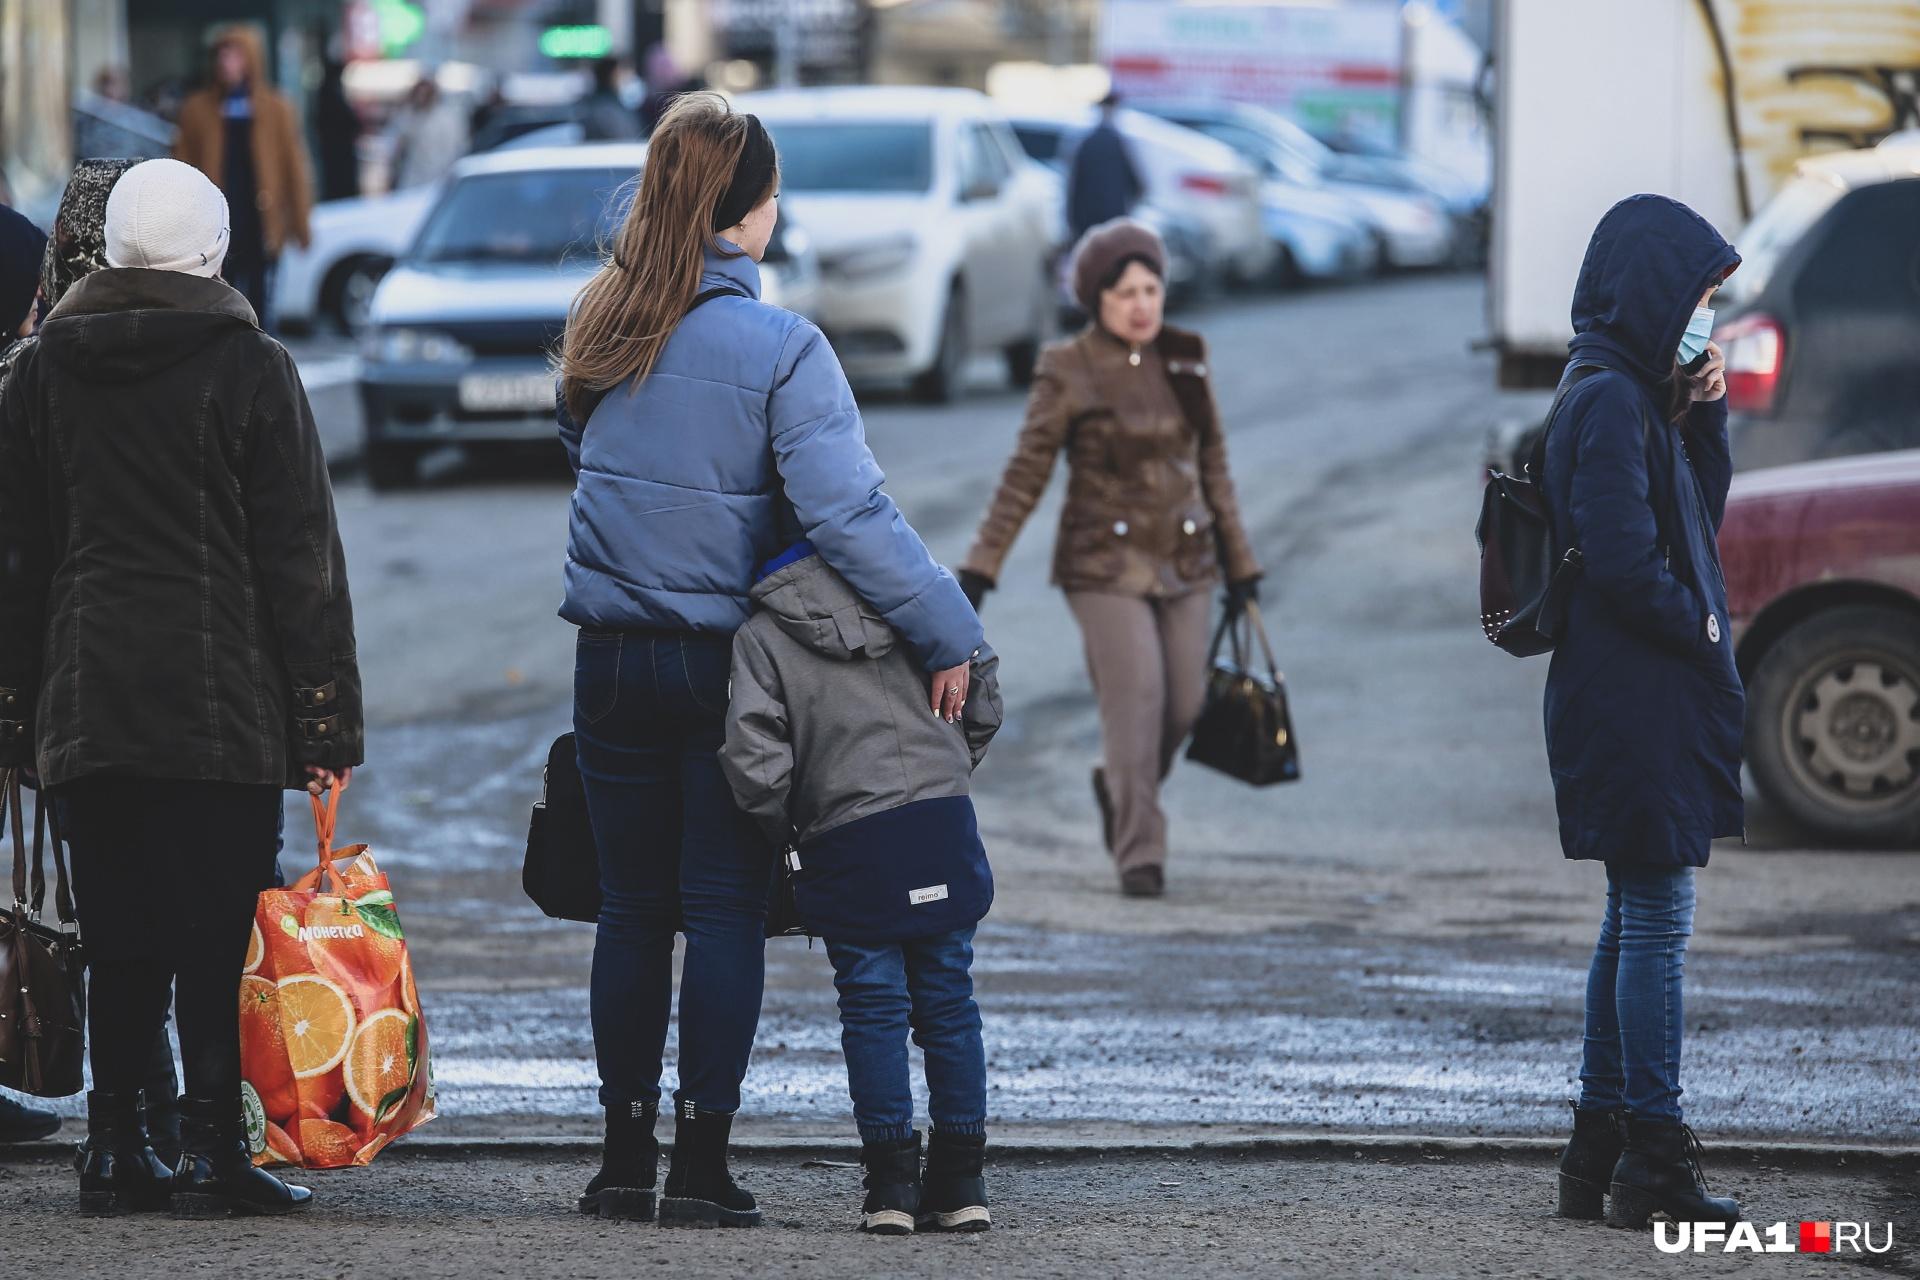 Выходить на улицу можно только в экстренных случаях и тем, кто идет на работу